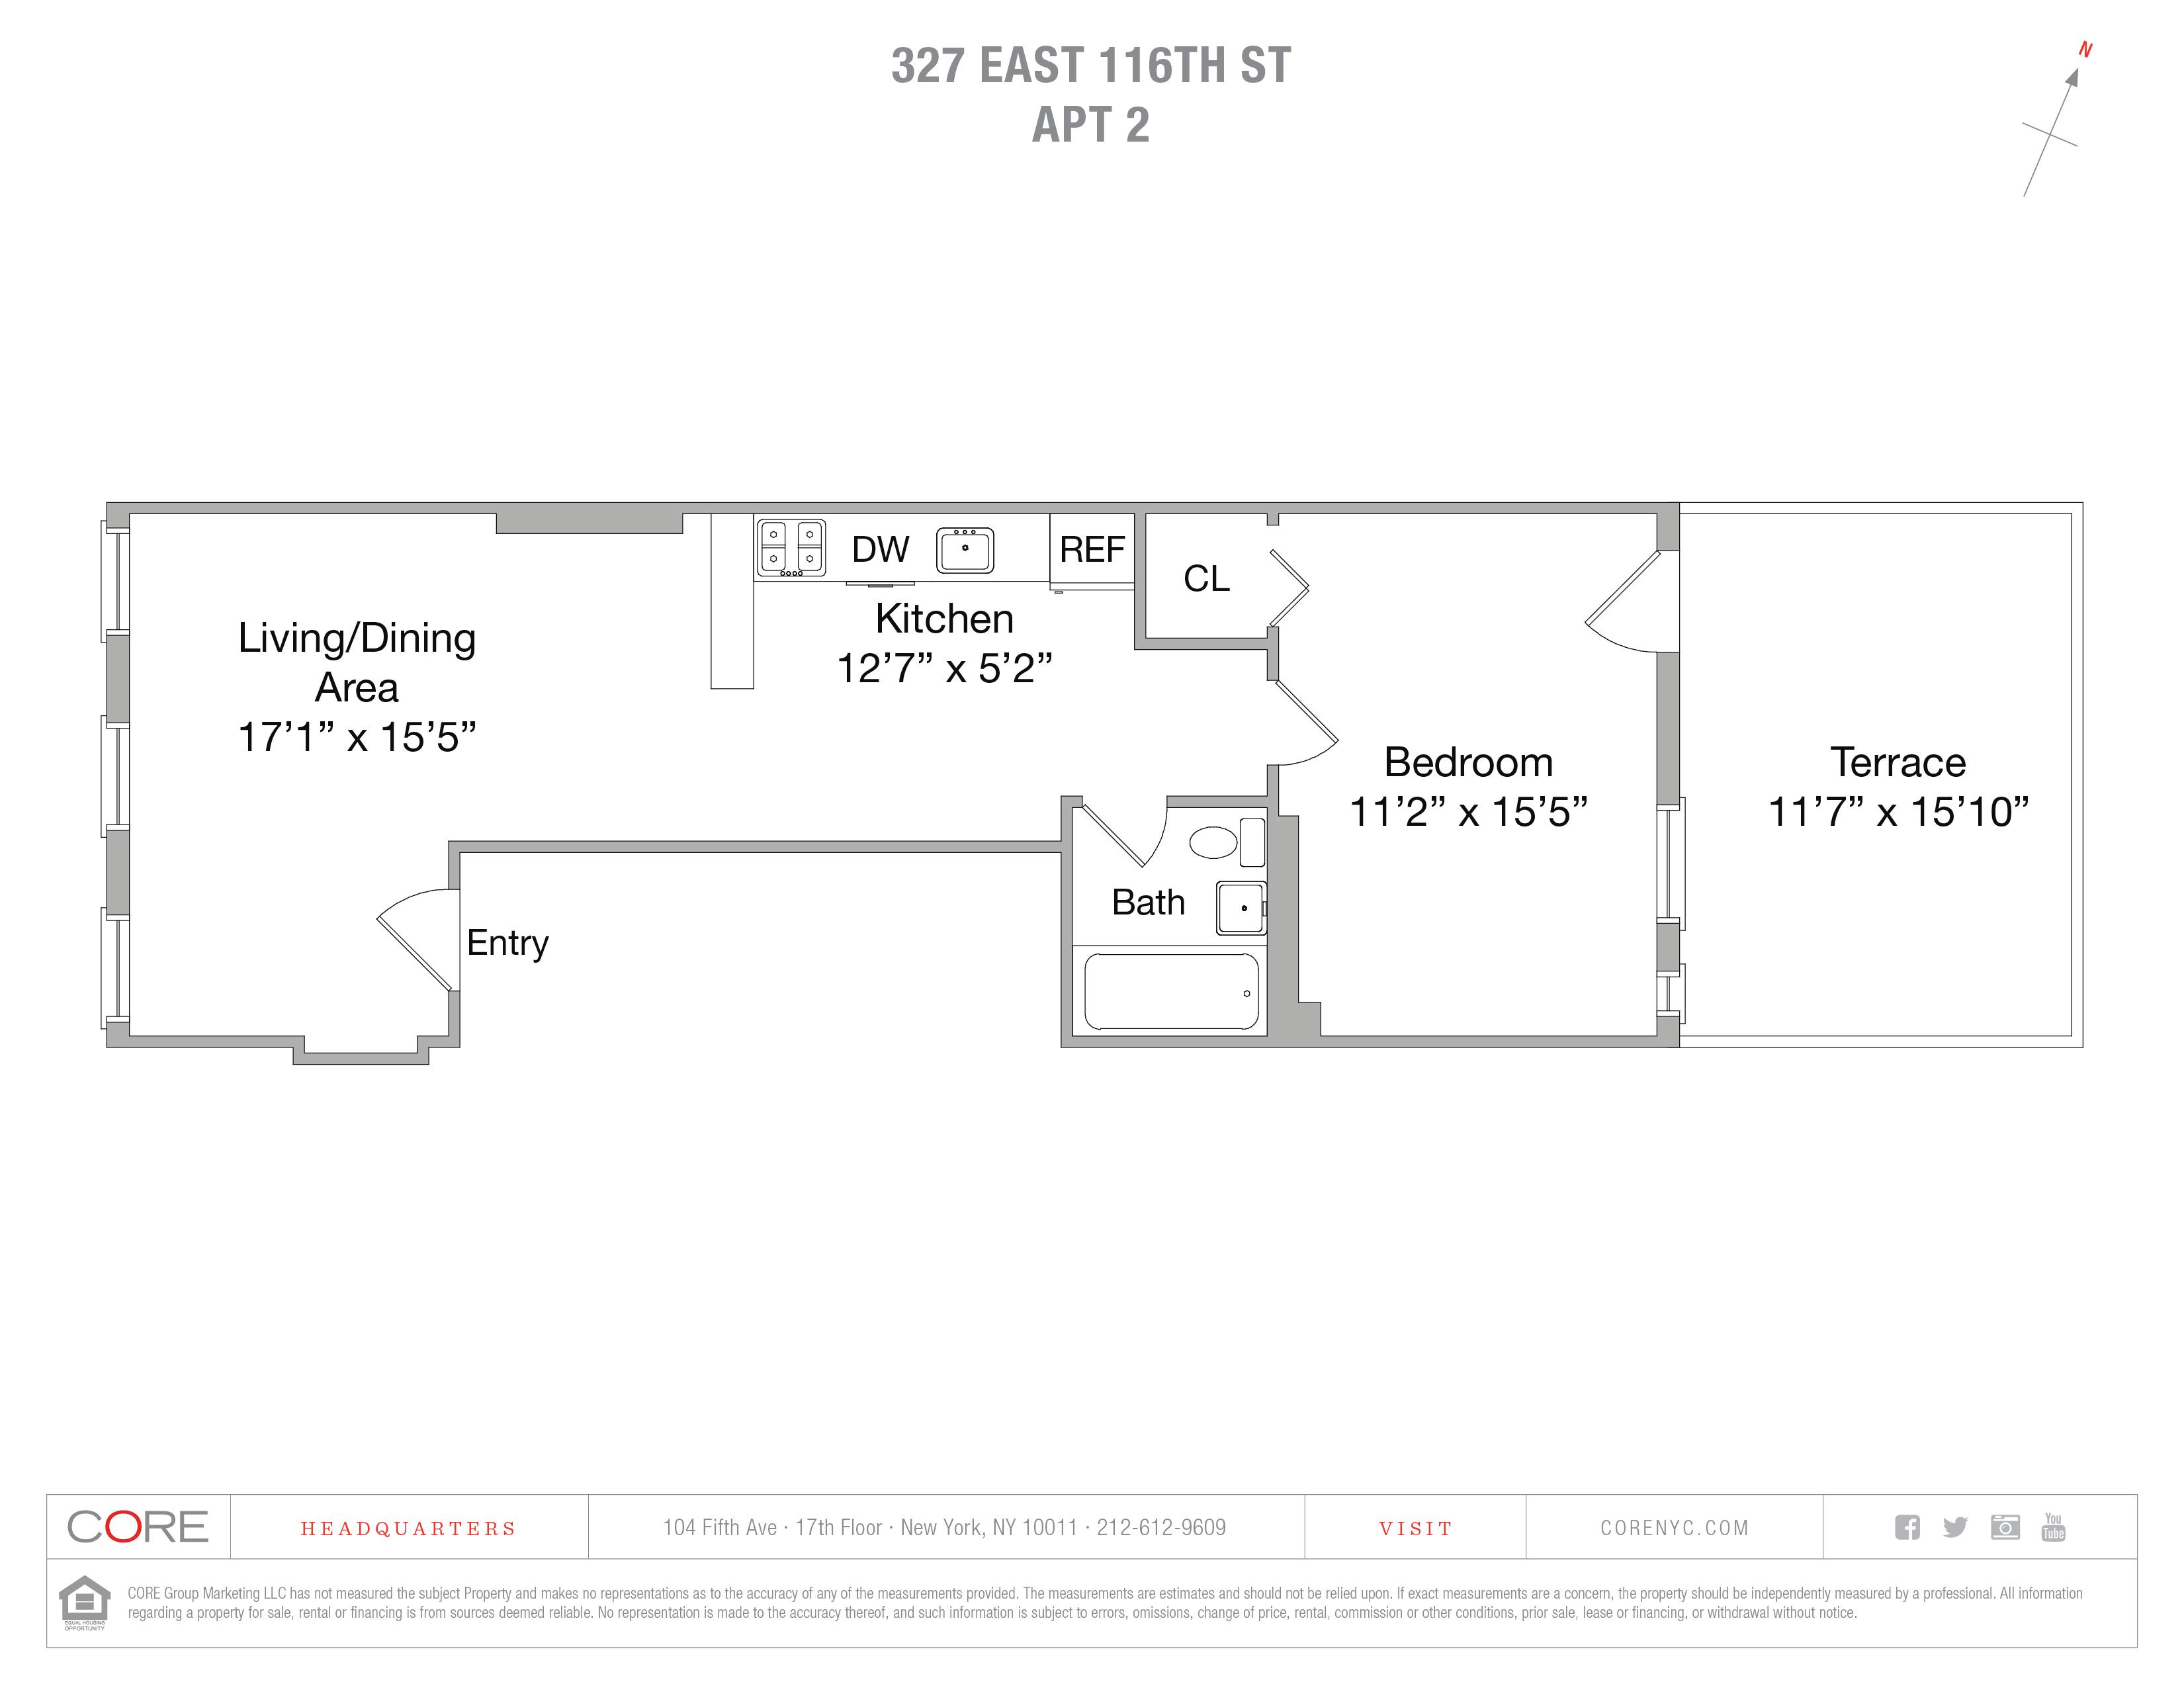 327 East 116th St. 2, New York, NY 10029